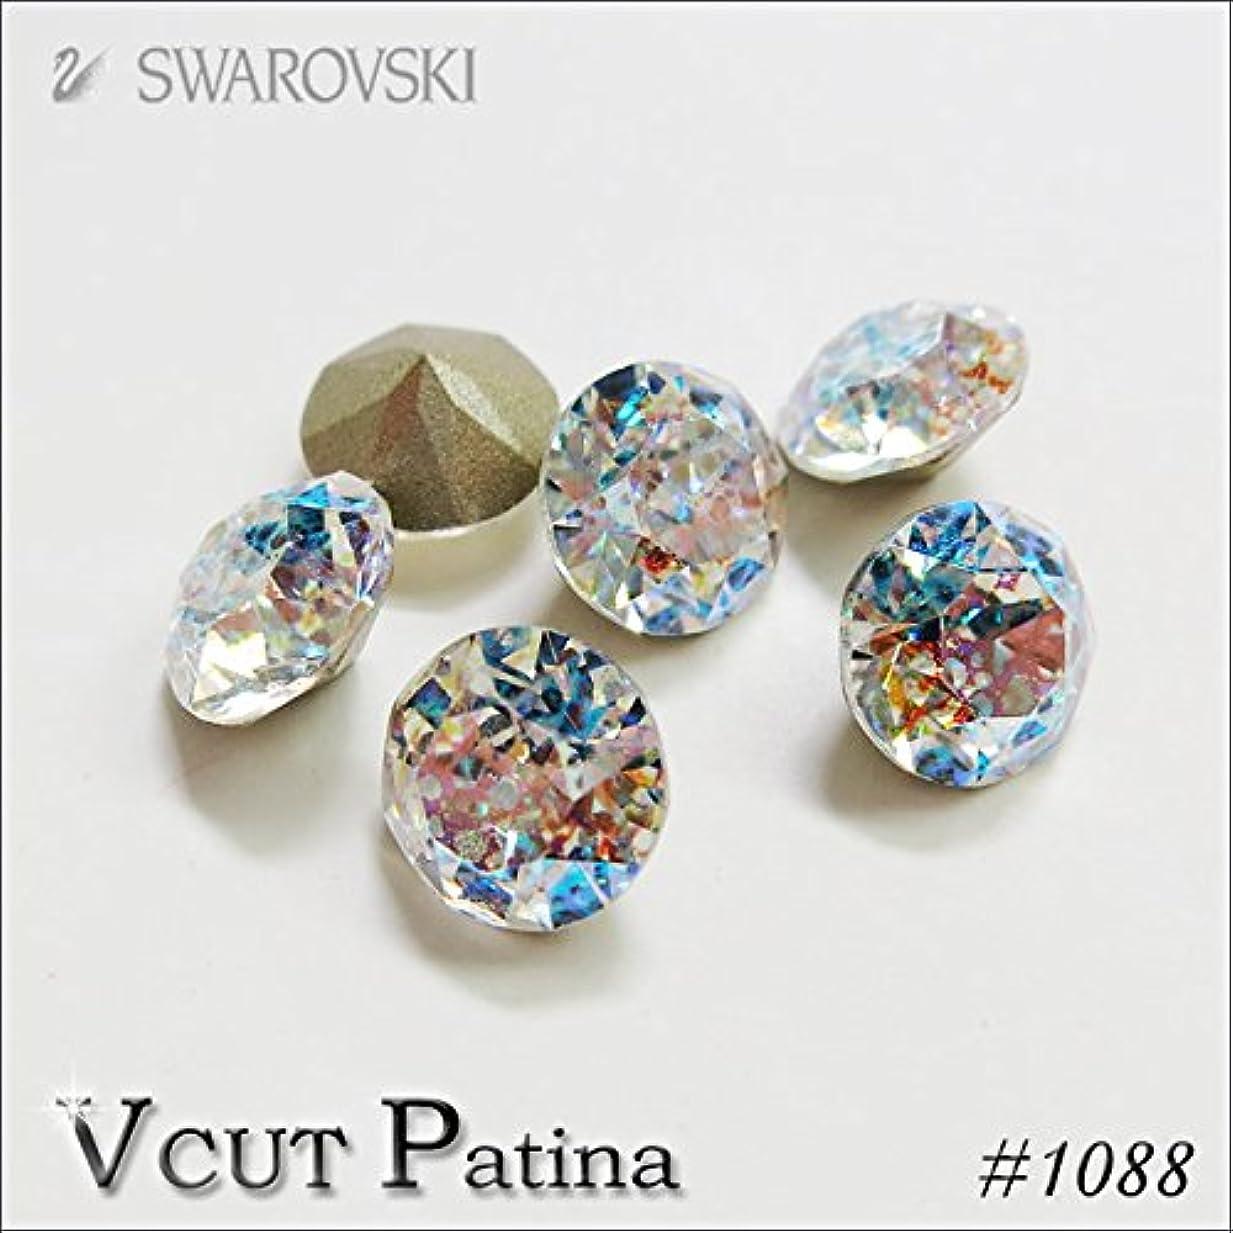 ポーンタイル配置スワロフスキー Vカット(埋込型)#1088 ●パティナシリーズ● クリスタルホワイトパティナ ss29(約6.2mm) 3粒入